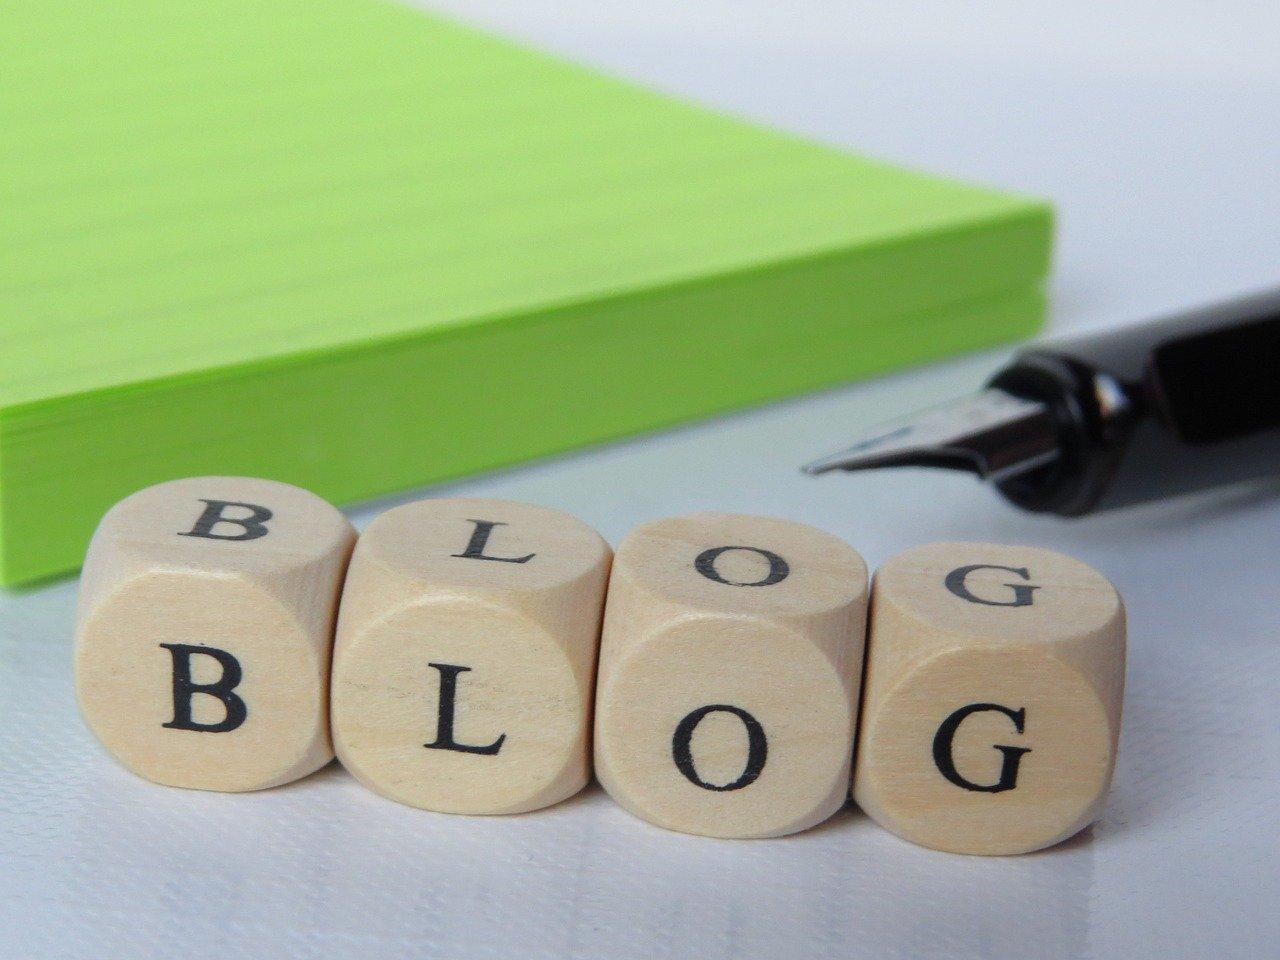 ブログ開設は難しくない。誰でも気軽に始める方法!